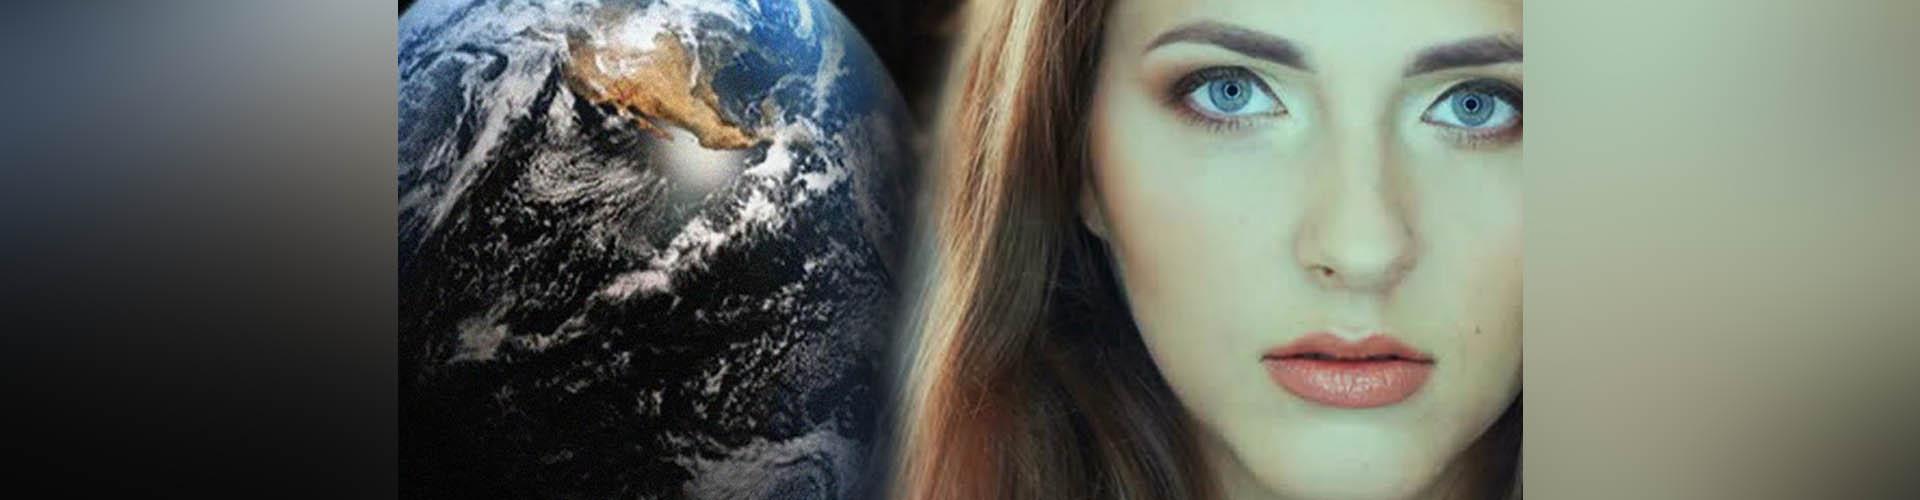 """(VIDEO) Mujer """"de otro universo"""" despertó aterrorizada en nuestra realidad"""